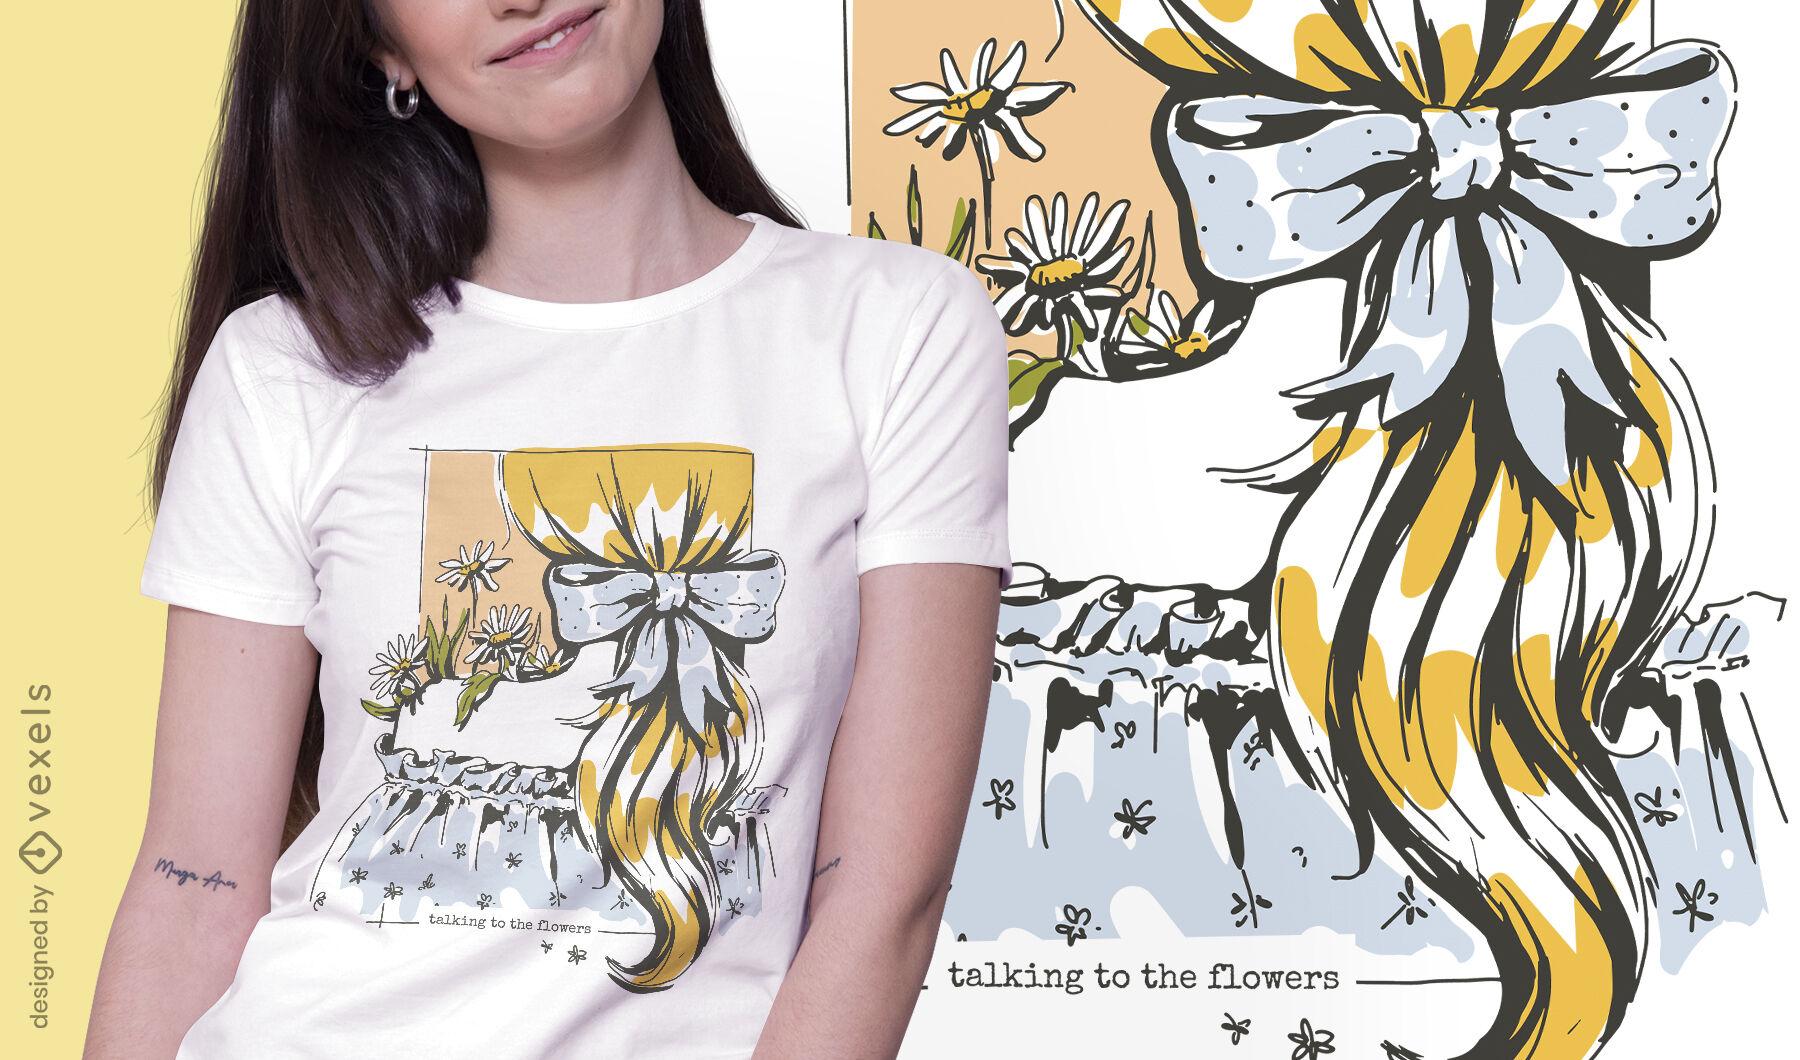 Cottagecore lifestyle woman t-shirt design